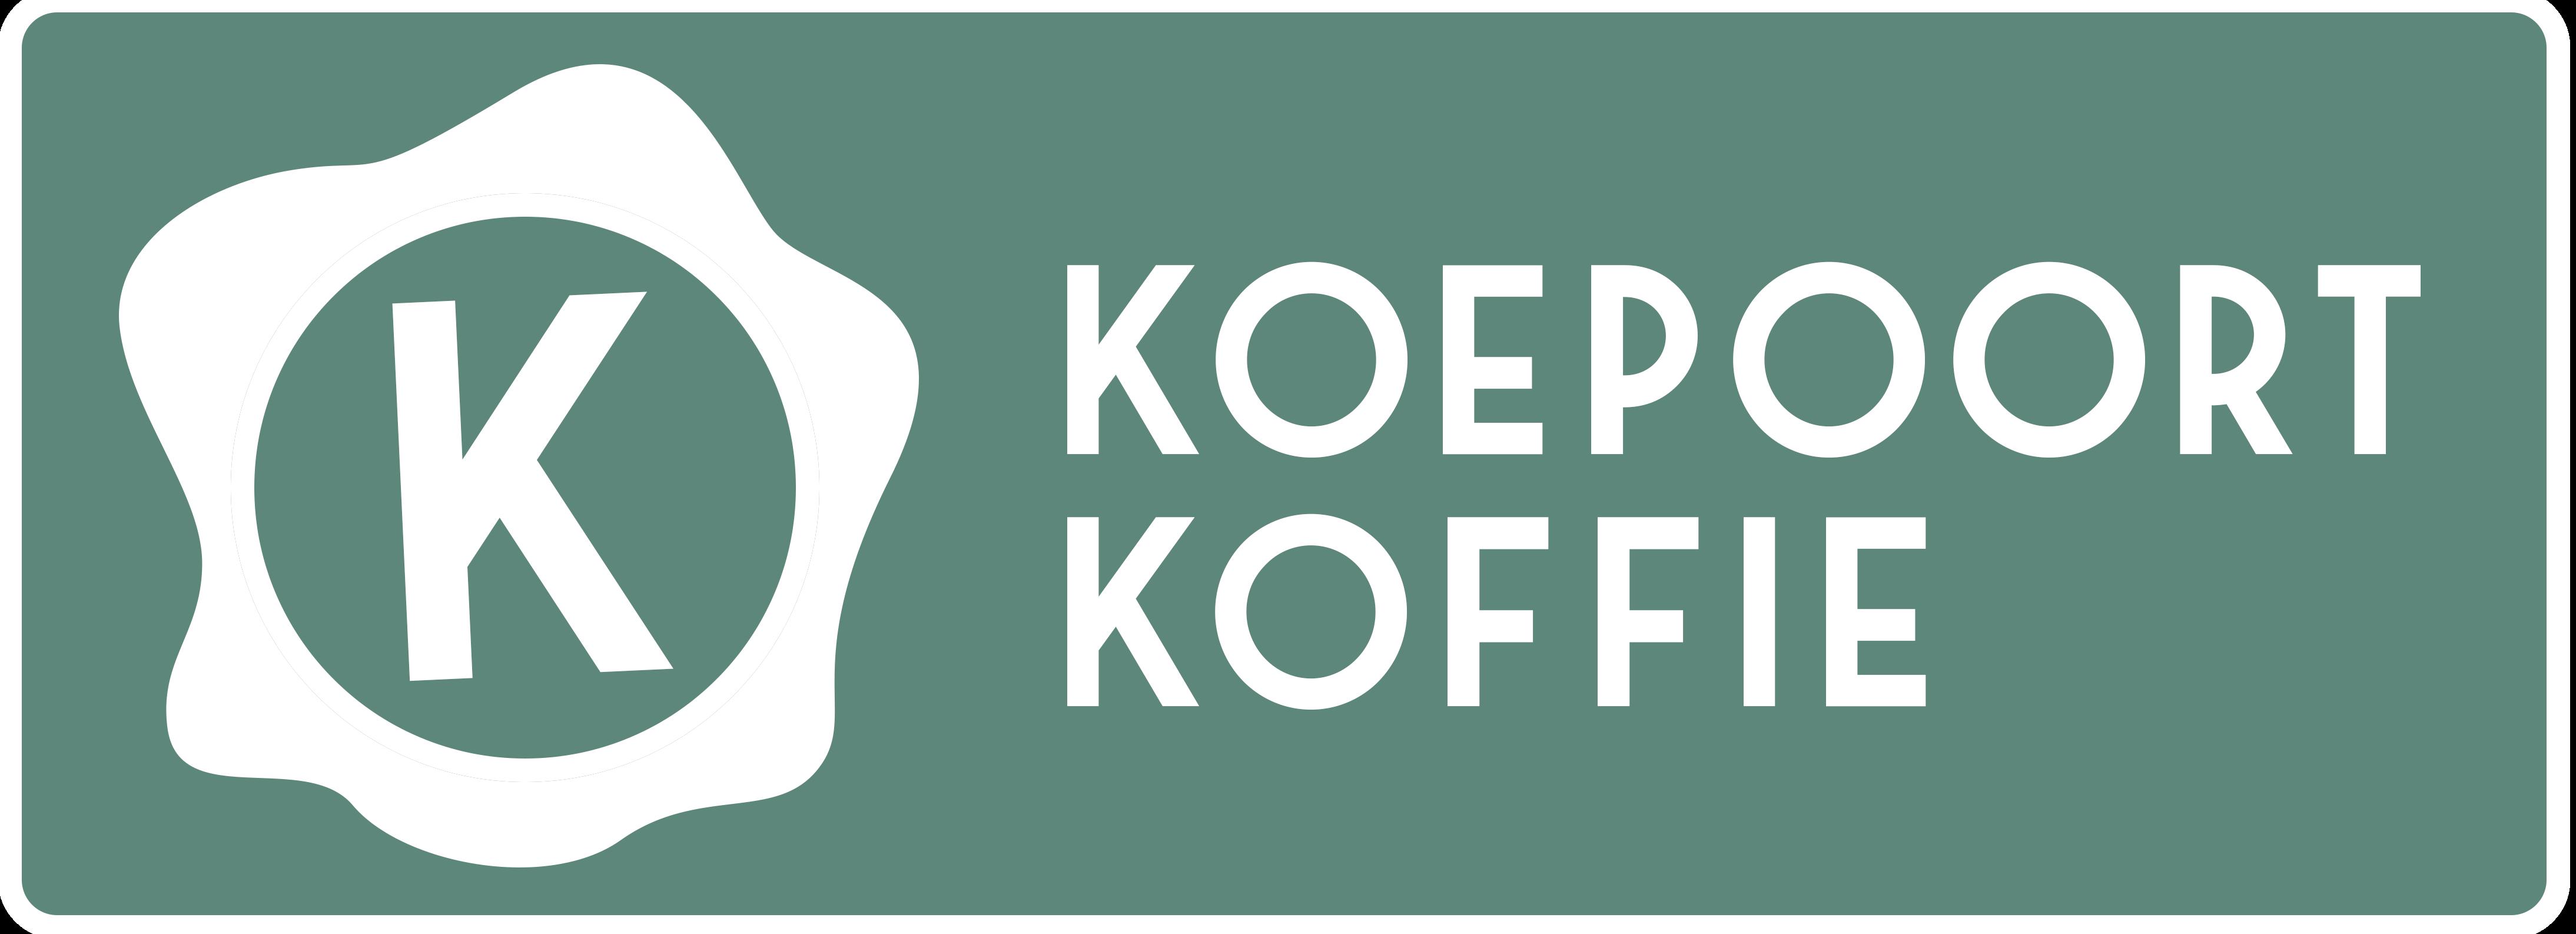 Koffiebranderij de Koepoort